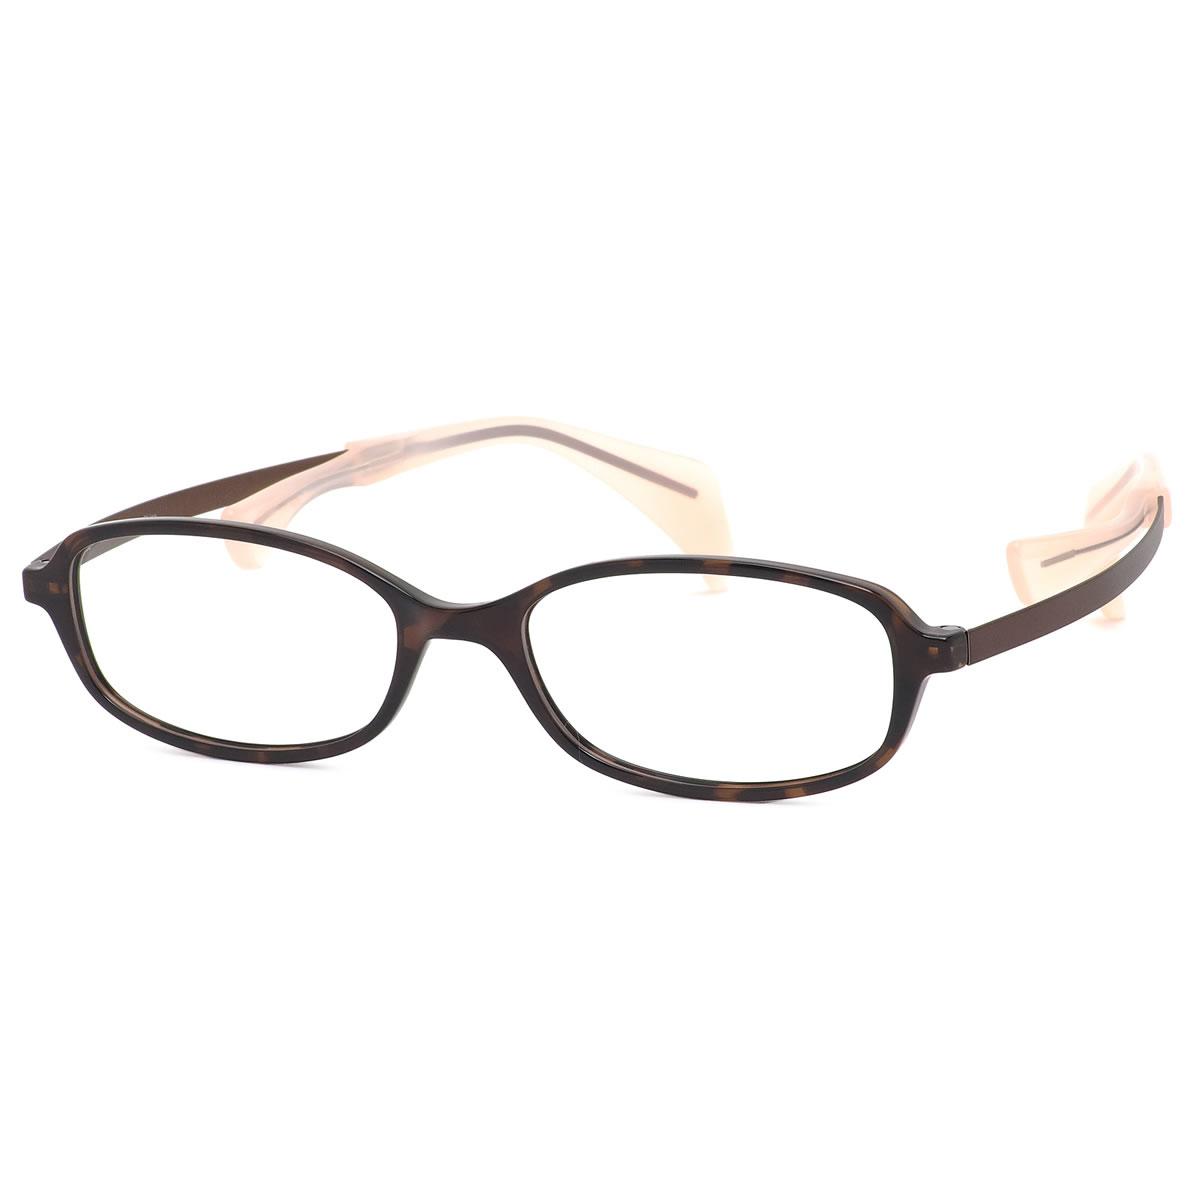 ほぼ全品ポイント15倍~最大34倍! チョコシー Choco See メガネFG24503 DB 50サイズ鼻に跡がつかないメガネ ちょこシー ちょこしー チョコシー 鼻パッドなし βチタン ベータチタン シャルマン CHARMANTチョコシーChocoSee メンズ レディース